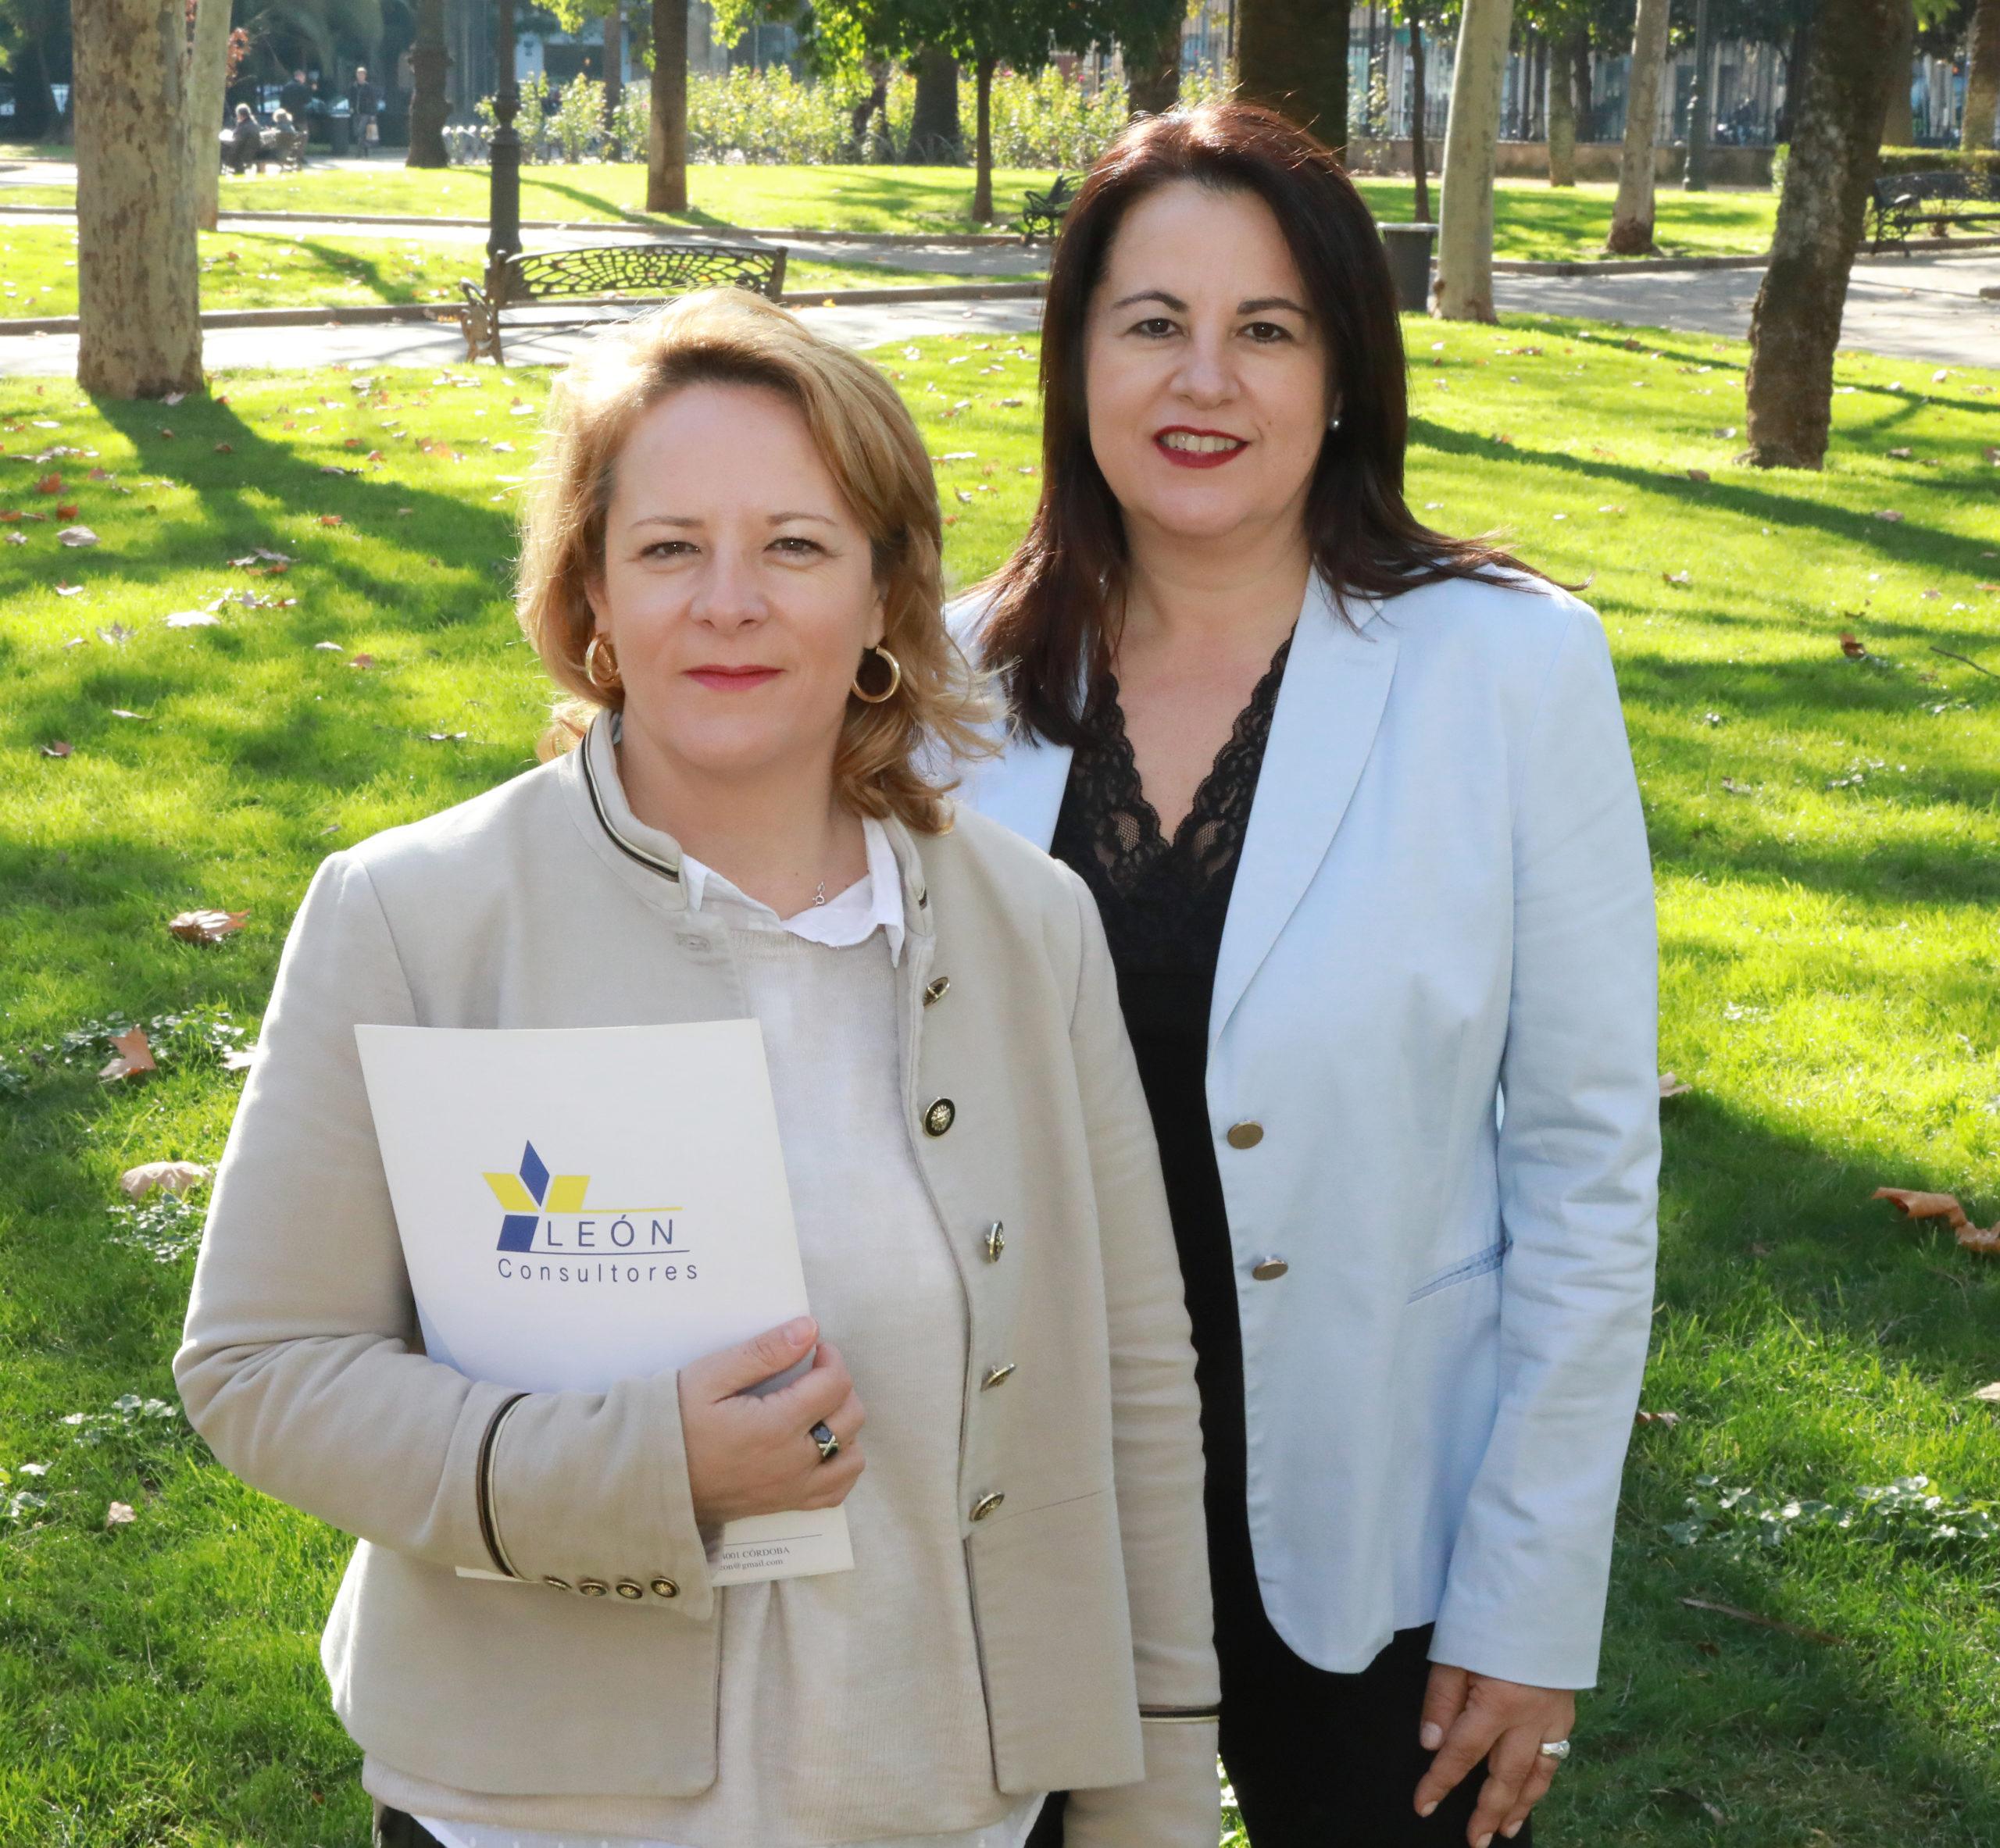 leon consultores nosotros scaled - León Consultores | Asesoría en Córdoba